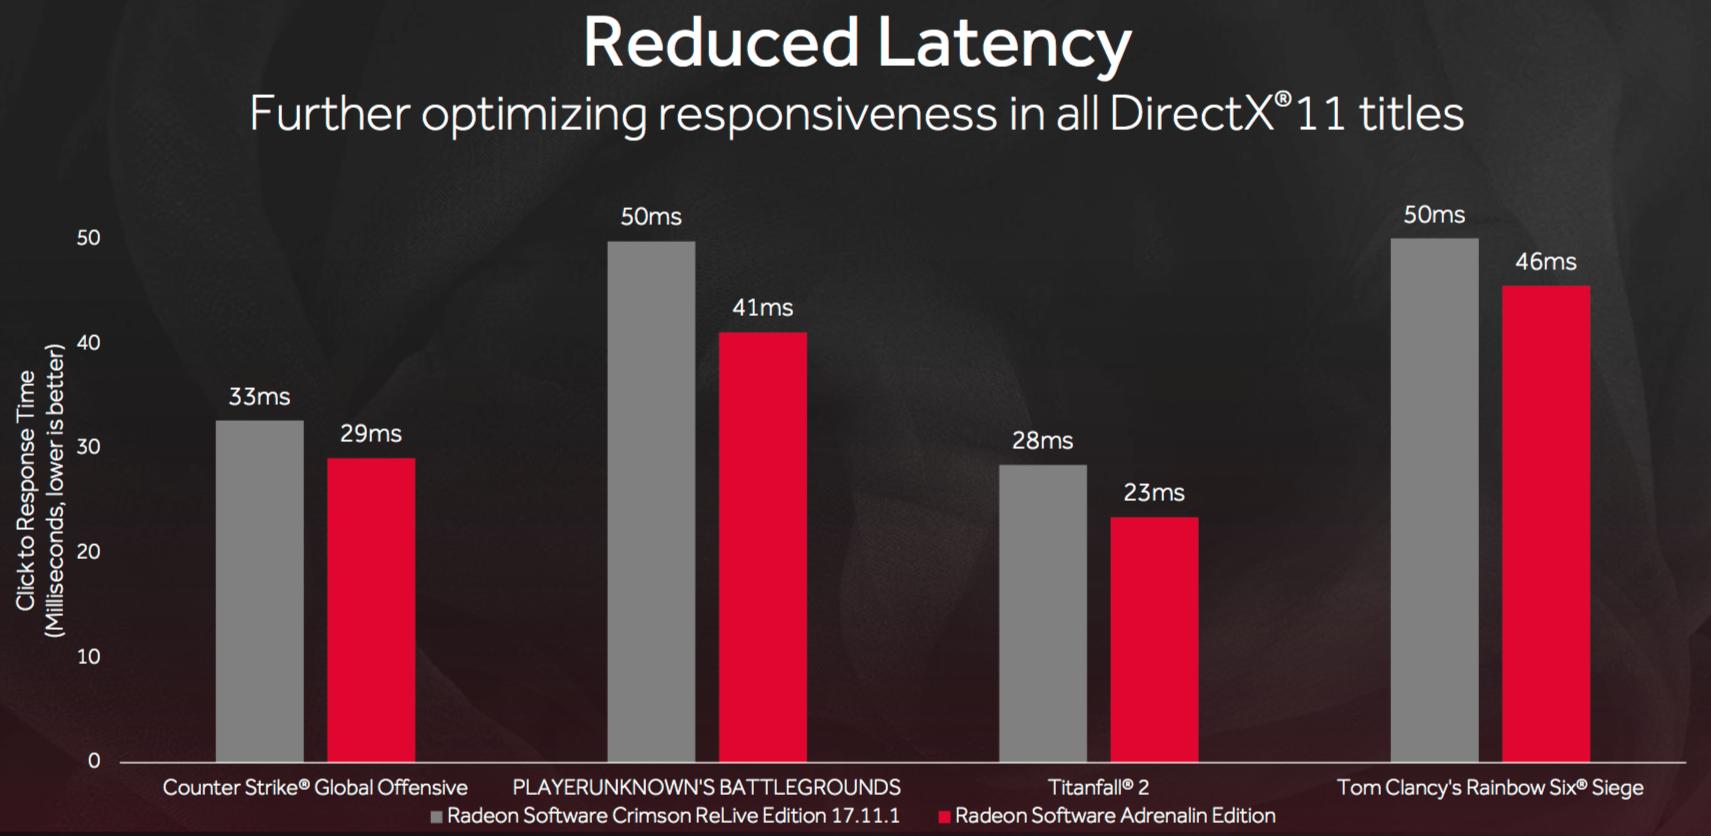 Også responstid betyr mye i raske FPS-spill. I Adrenalin Edition er forsinkelsen fra du klikker til noe skjer i spillet redusert betydelig. Bilde: AMD